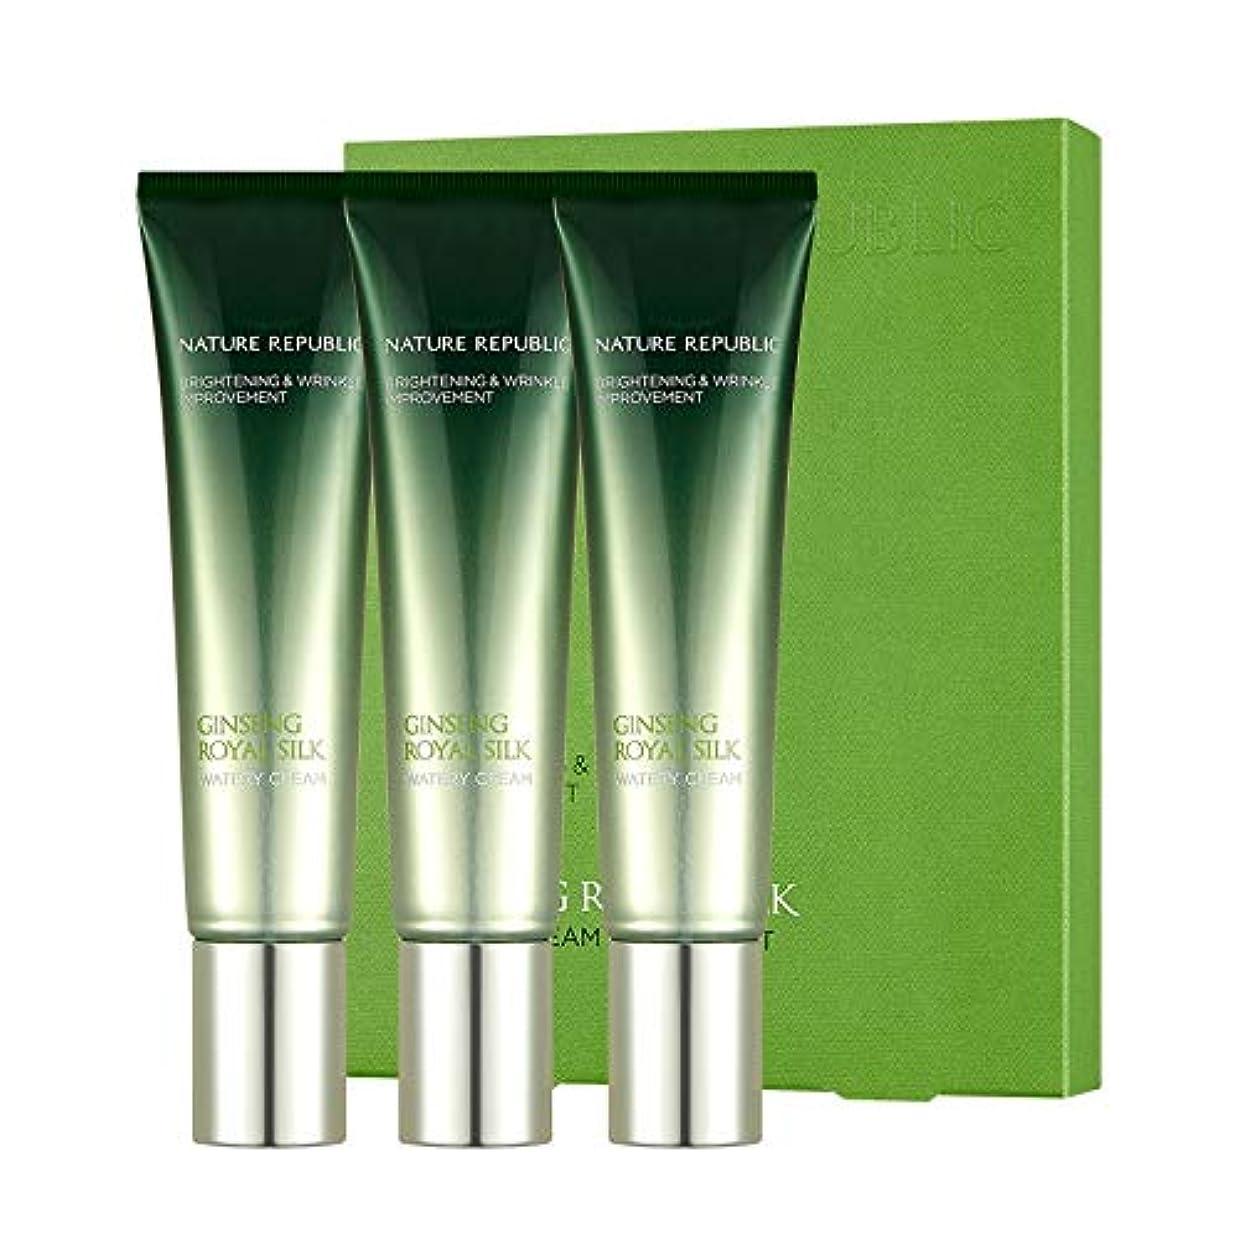 前提条件たまにおもしろいネイチャーリパブリック(Nature Republic)ジンセンロイヤルシルクウォーターリークリーム(30mlX3) / Ginseng Royal Silk Watery Cream (30mlX3) :: 韓国コスメ...